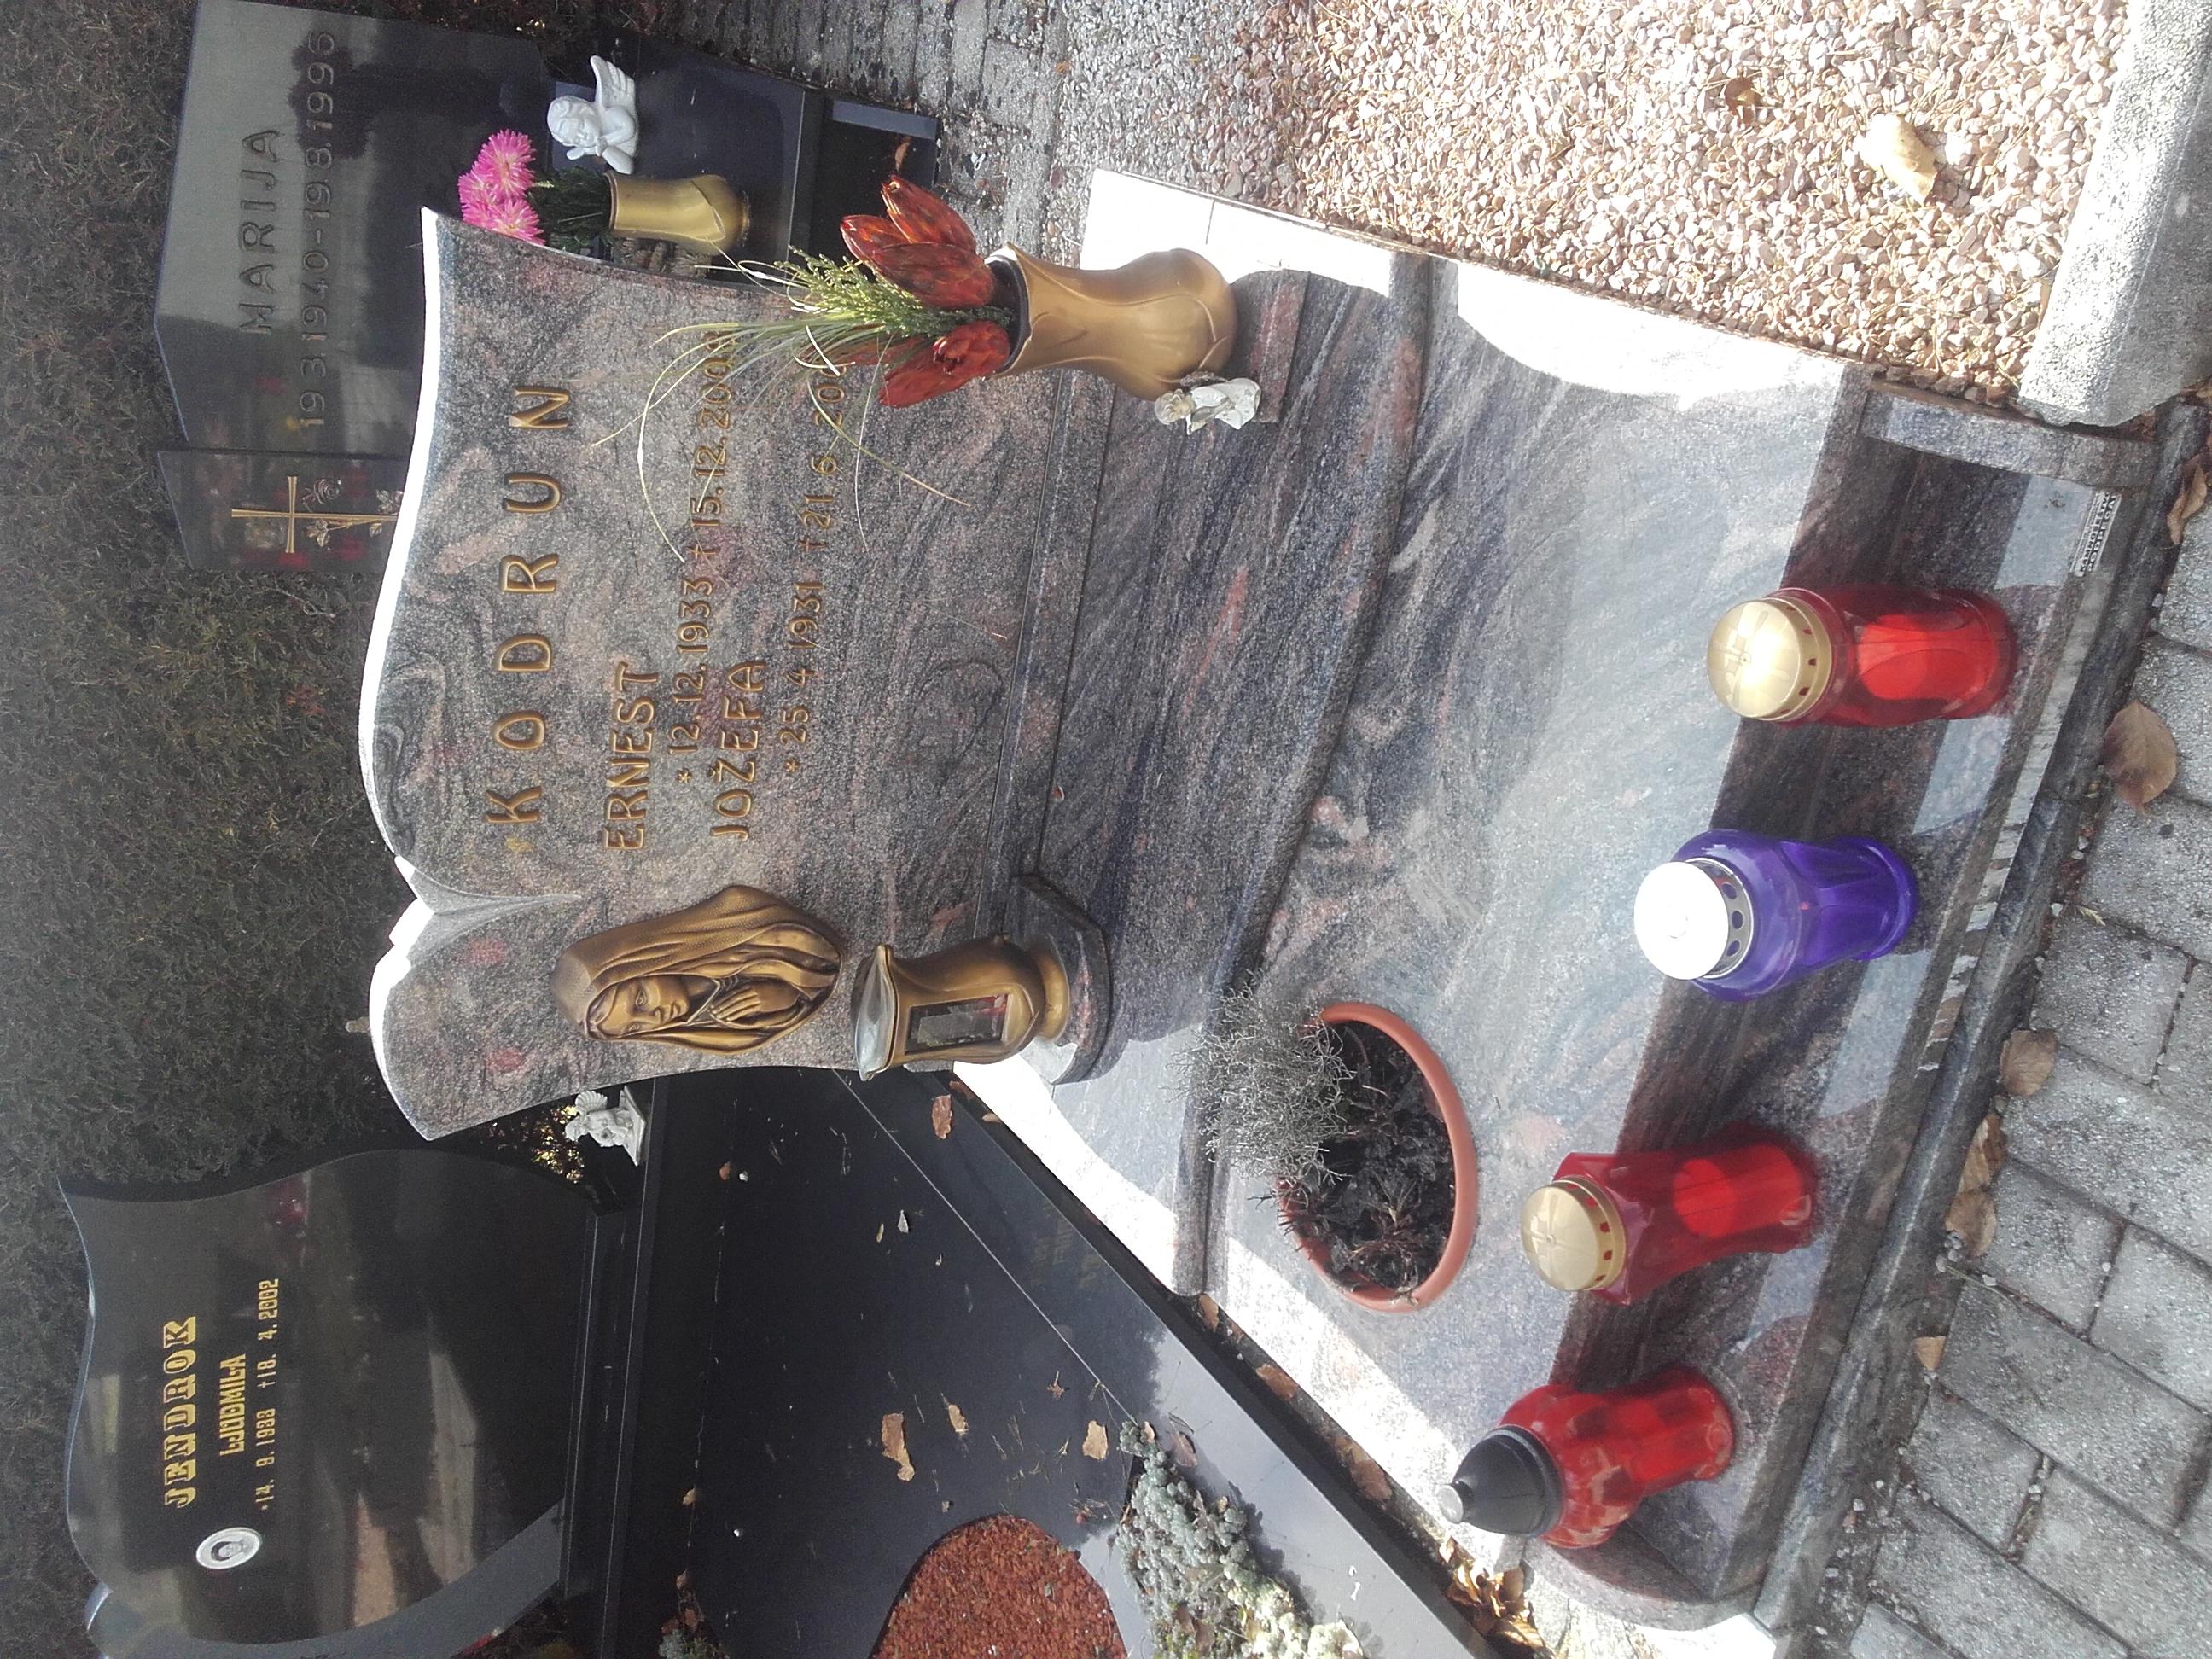 Žarni nagrobnik 19